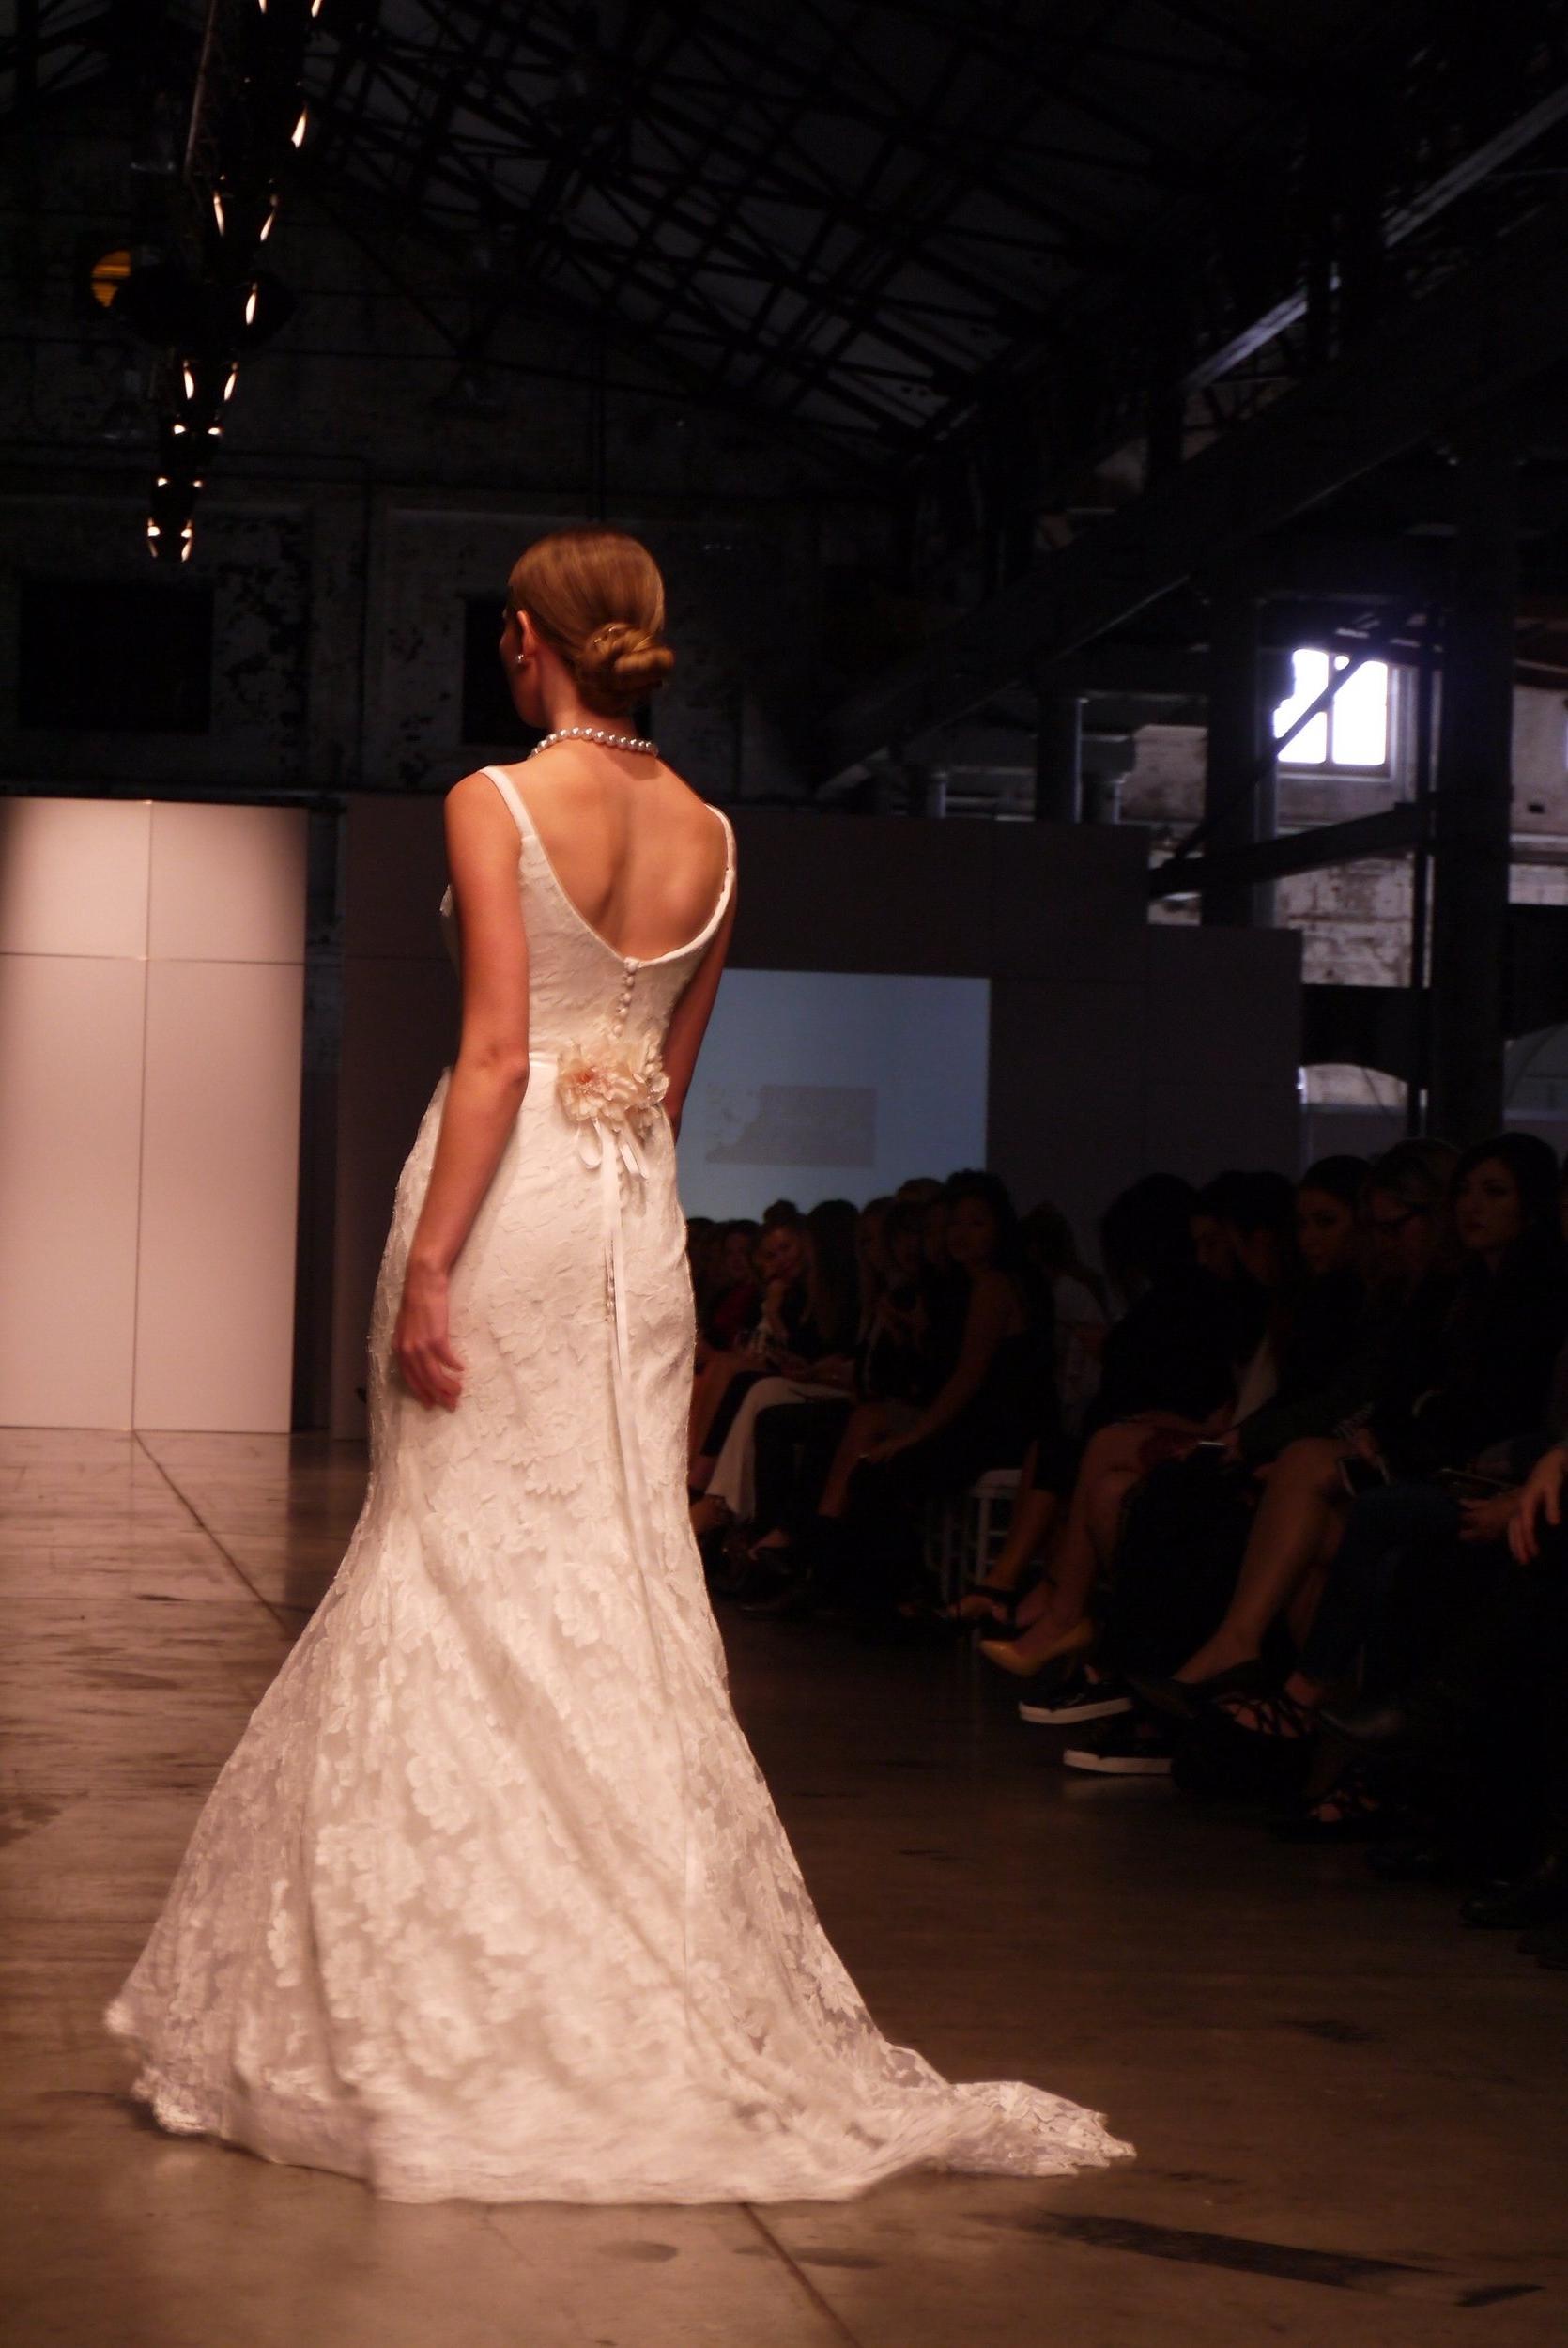 13 Tanya Anic Bridal_Summer gown design australian bridal fashion week sydney.jpg